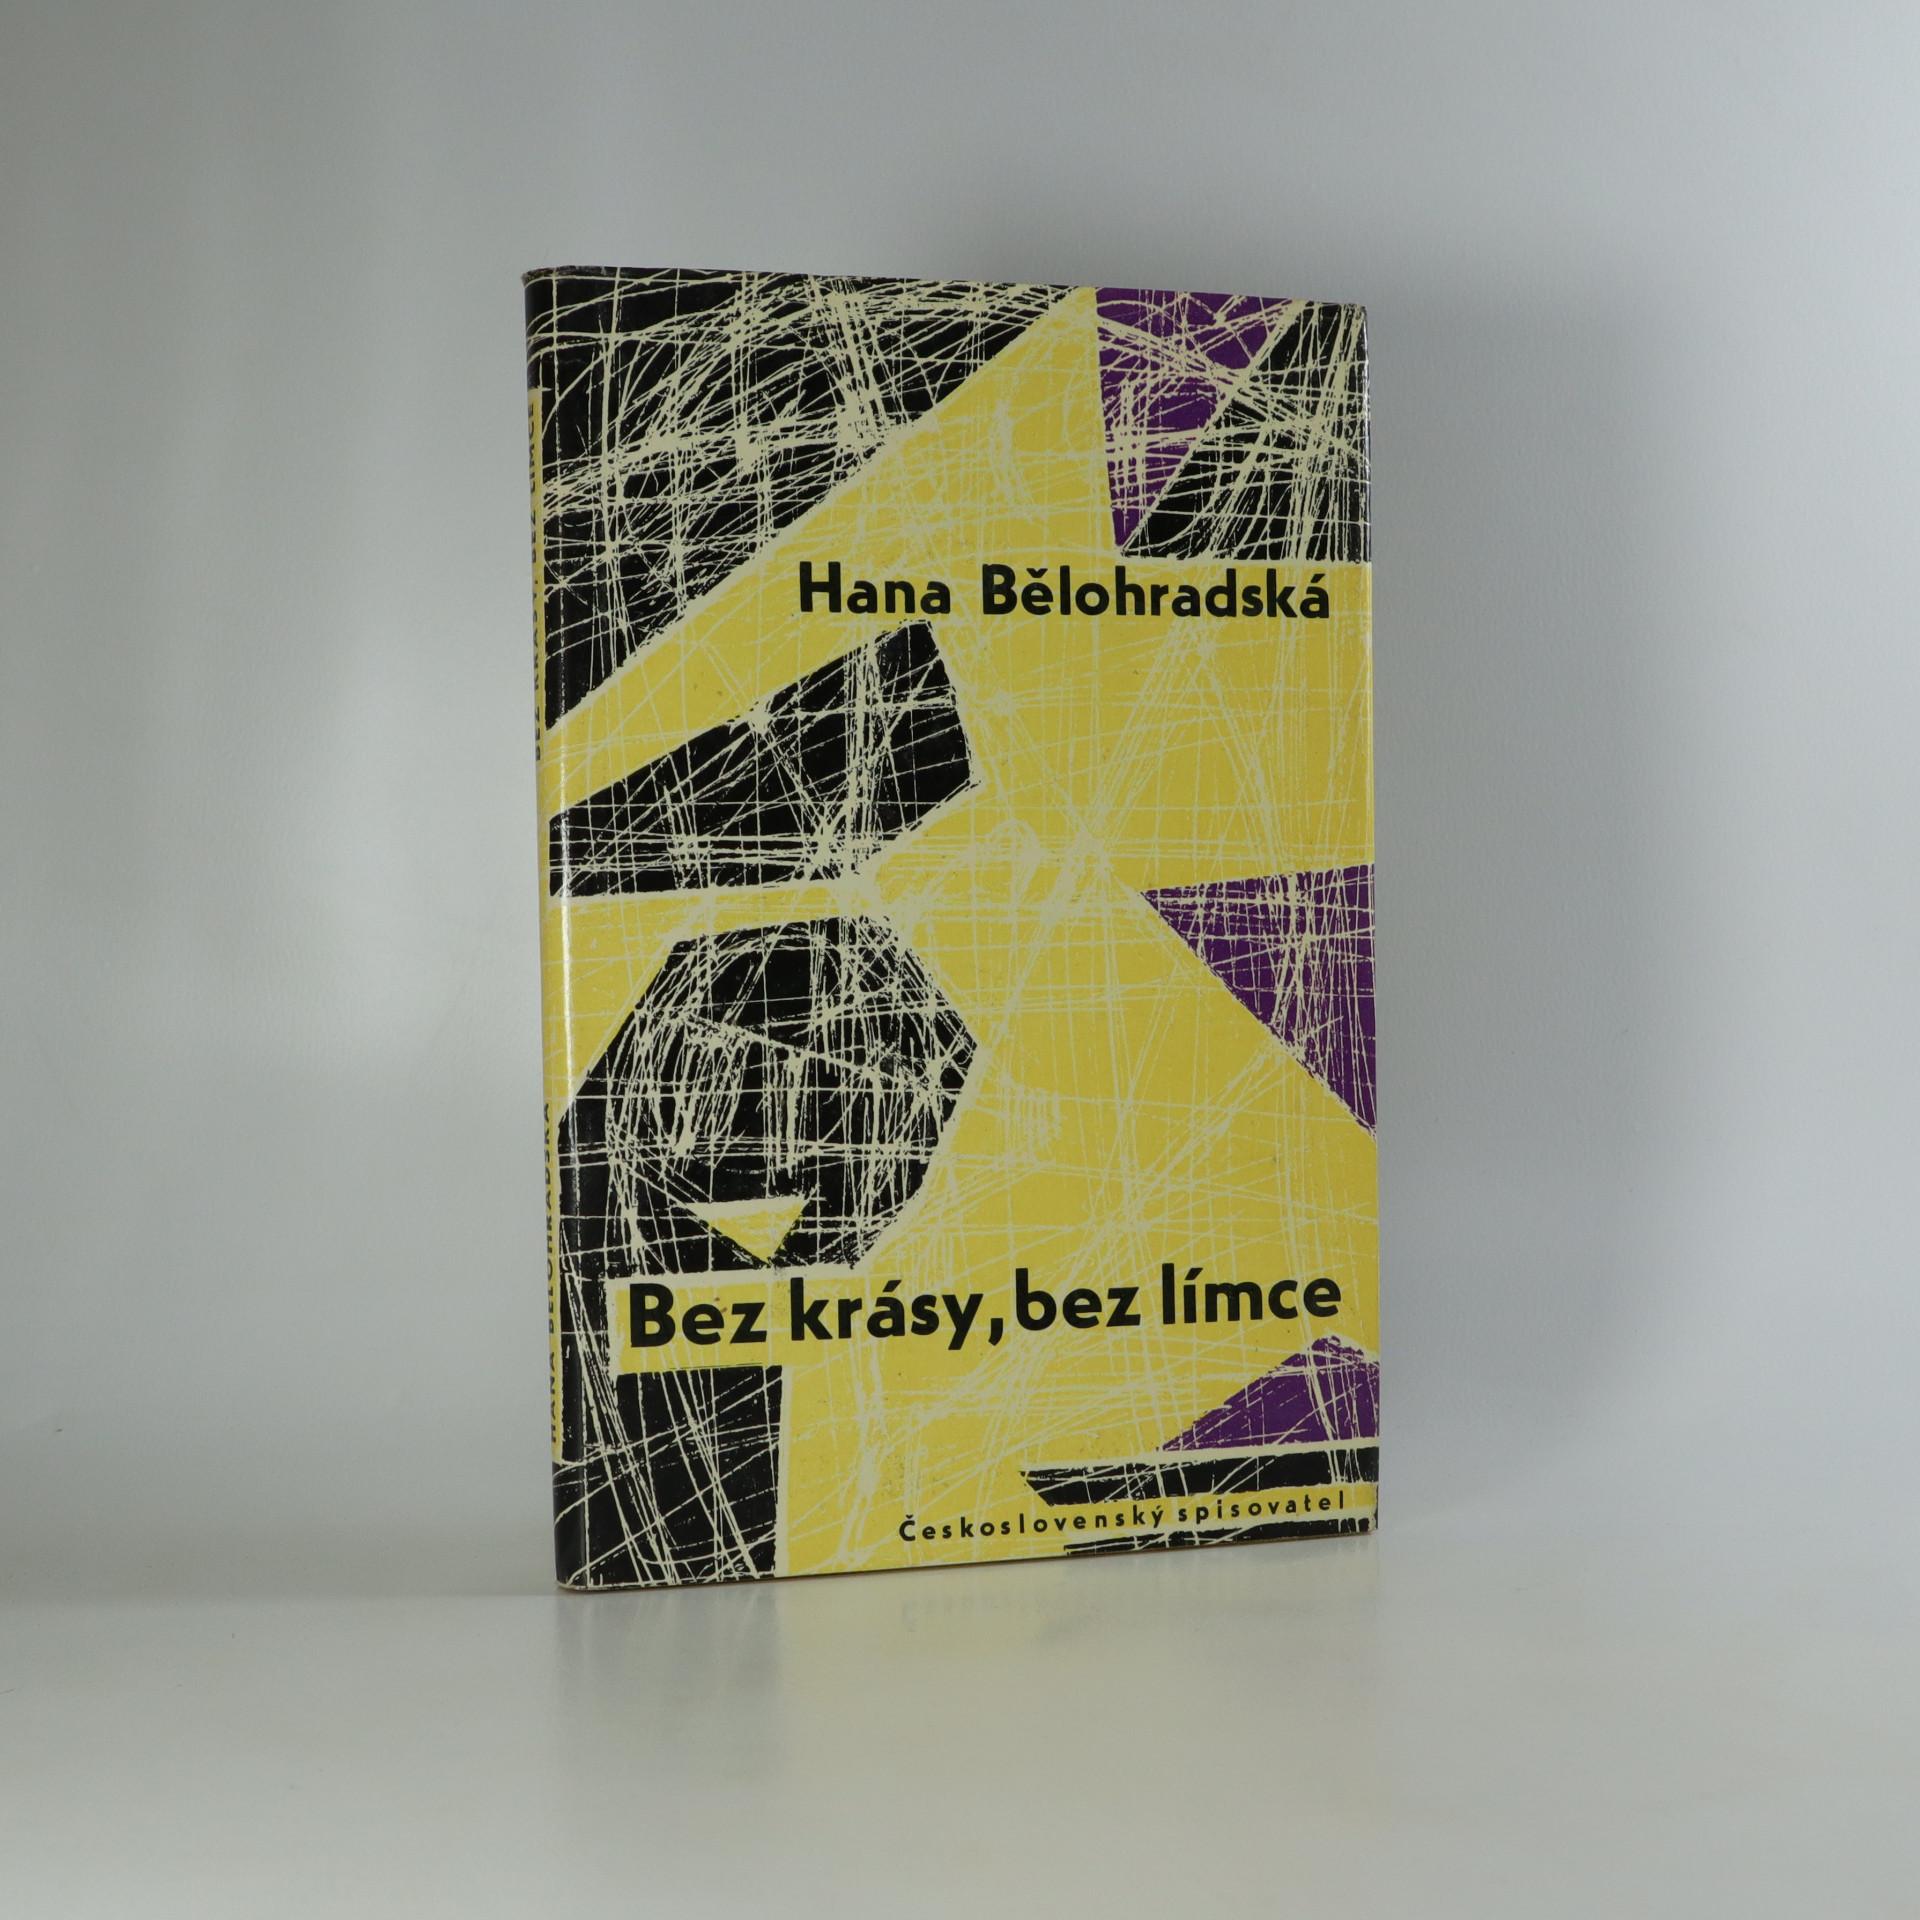 antikvární kniha Bez krásy, bez límce, 1962